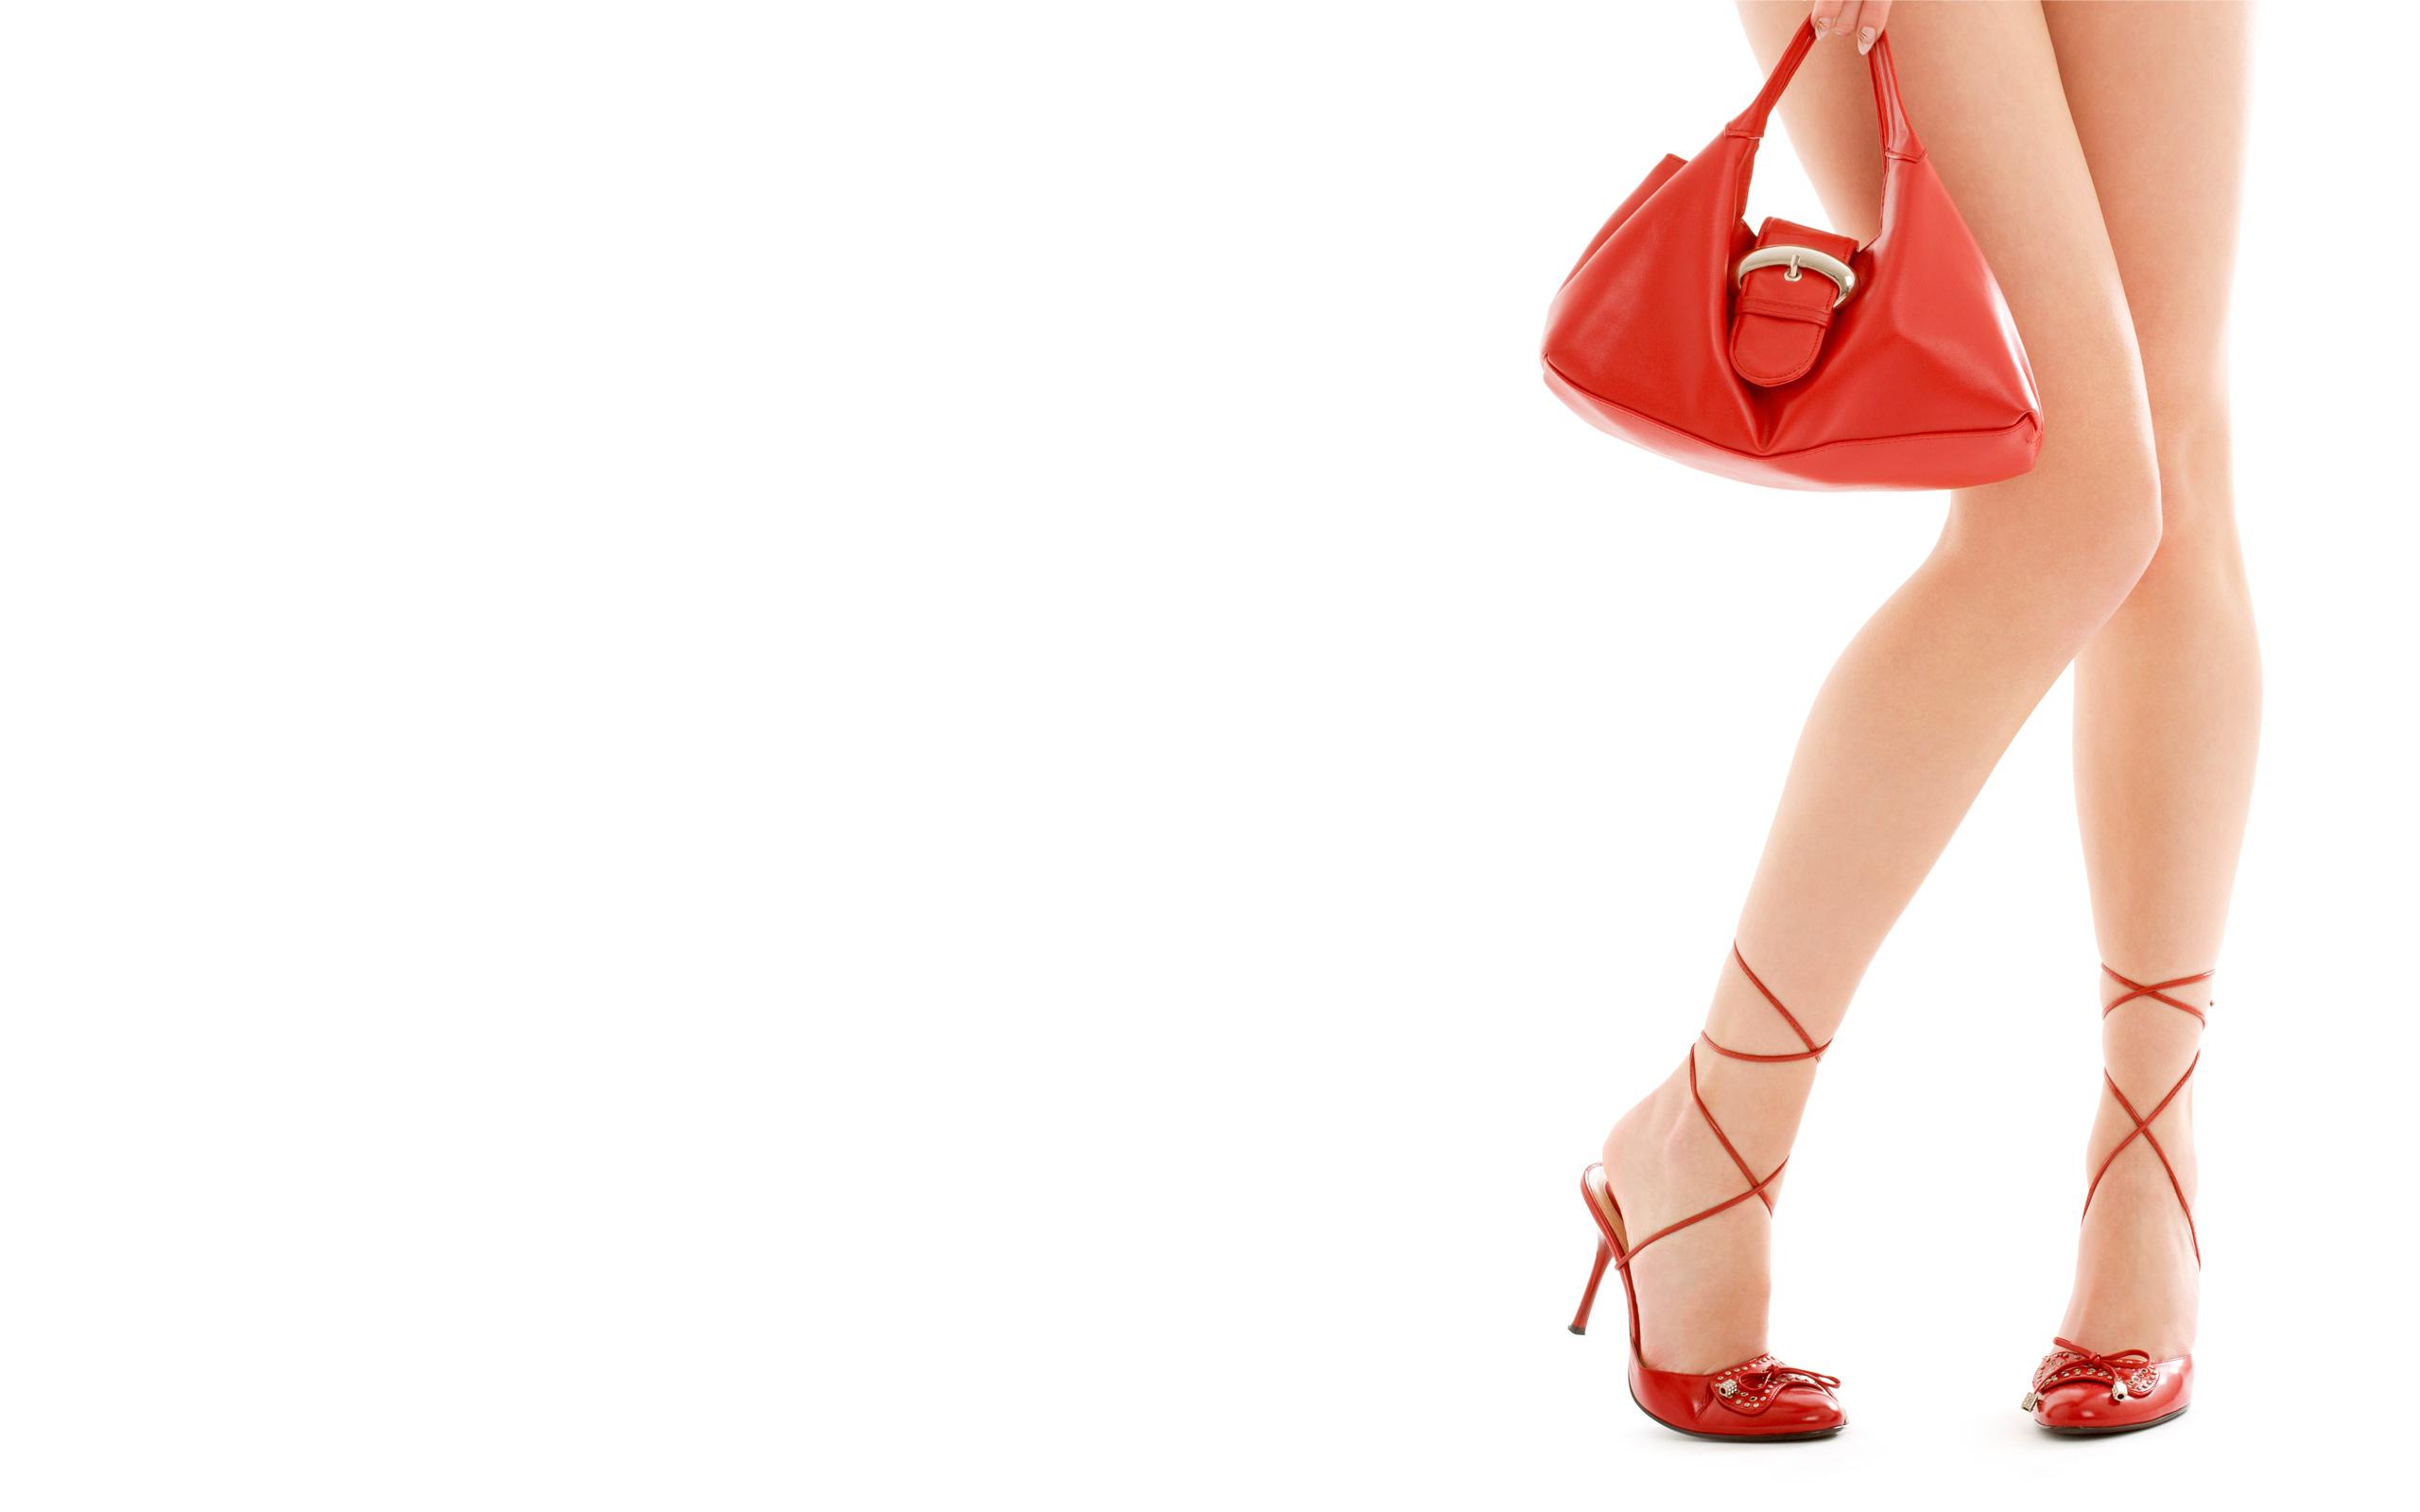 Туфельки на шпильке: красота или здоровье?